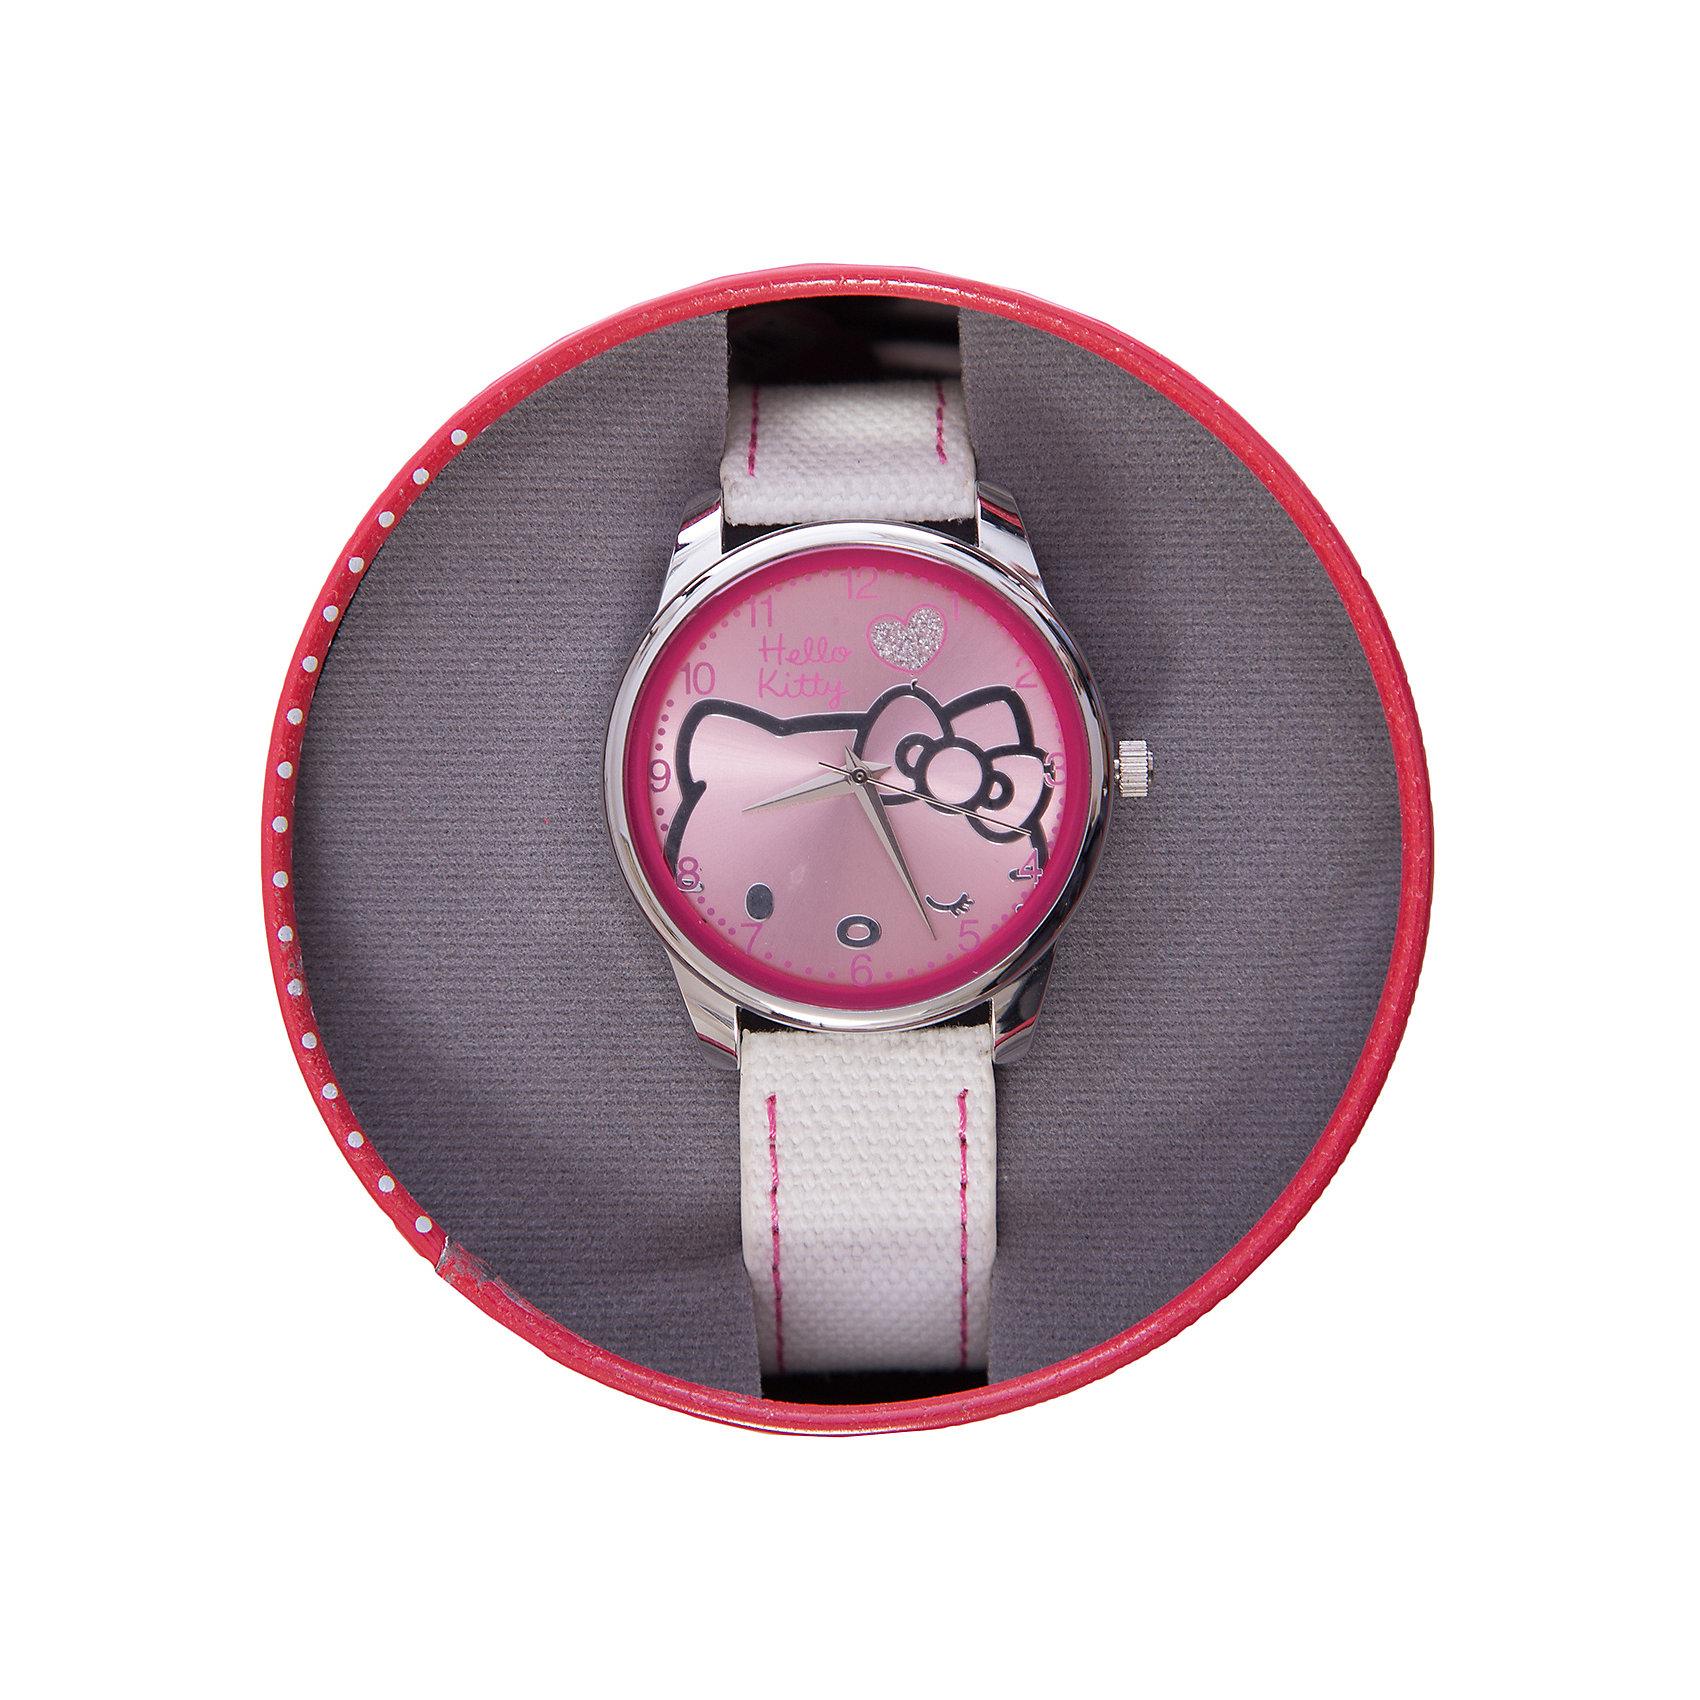 Часы наручные аналоговые, Hello KittyАксессуары<br>Эксклюзивные наручные аналоговые часы торговой марки Hello Kitty выполнены по индивидуальному дизайну ООО «Детское Время» и лицензии компании Sanrio. Обилие деталей - декоративных элементов (страз, мерцающих ремешков), надписей,  уникальных изображений - делают изделие тщательно продуманным творением мастеров. Часы имеют высококачественный японский кварцевый механизм и отличаются надежностью и точностью хода. Часы водоустойчивы и обладают достаточной герметичностью, чтобы спокойно перенести случайный и незначительный контакт с жидкостями (дождь, брызги), но они не предназначены для плавания или погружения в воду. Циферблат защищен от повреждений прочным минеральным стеклом. Корпус часов выполнен из стали,  задняя крышка из нержавеющей стали. Материал браслета: искусственная кожа. Единица товара упаковывается в стильную подарочную коробочку. Неповторимый стиль с изобилием насыщенных и в тоже время нежных гамм; надежность и прочность изделия позволяют говорить о нем только в превосходной степени!<br><br>Ширина мм: 55<br>Глубина мм: 10<br>Высота мм: 250<br>Вес г: 38<br>Возраст от месяцев: 36<br>Возраст до месяцев: 72<br>Пол: Женский<br>Возраст: Детский<br>SKU: 5529344